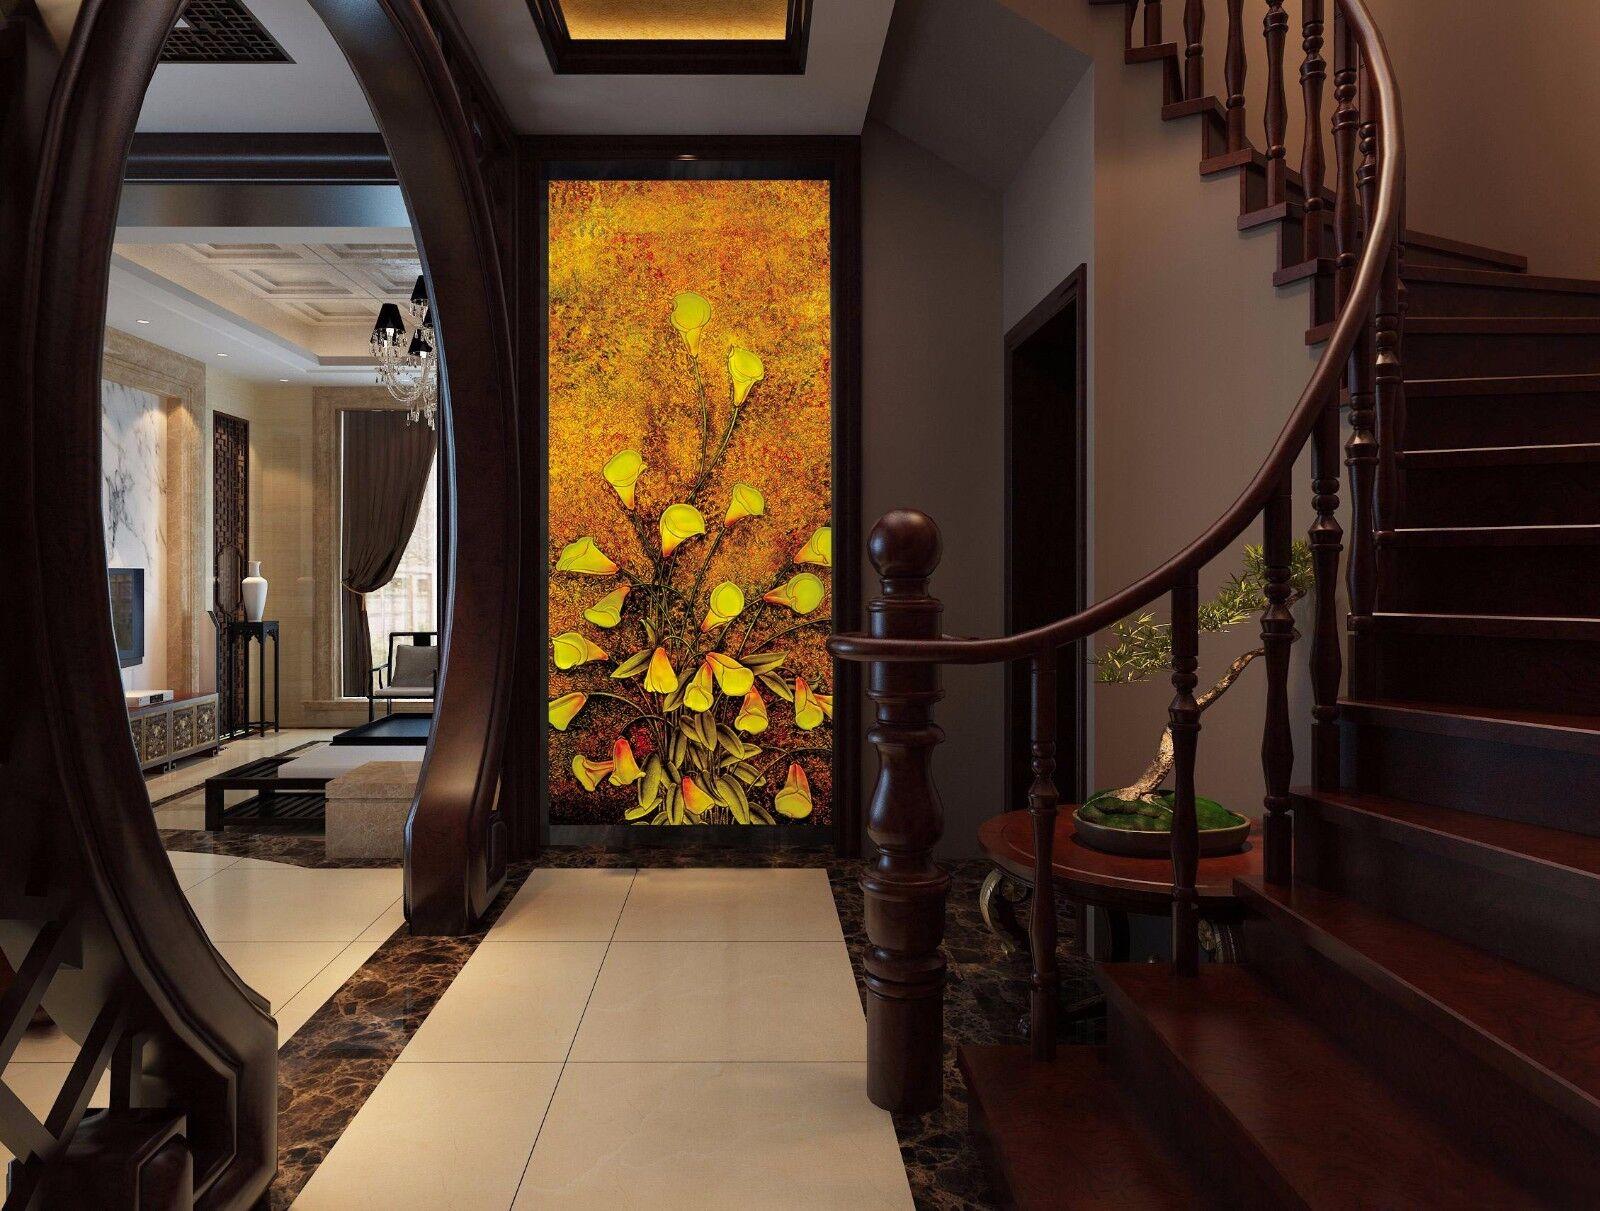 3D Farbe Geschnitzte Geschnitzte Geschnitzte 75 TapeteWandgemälde Tapete Tapeten Bild Familie DE Lemon 77e258